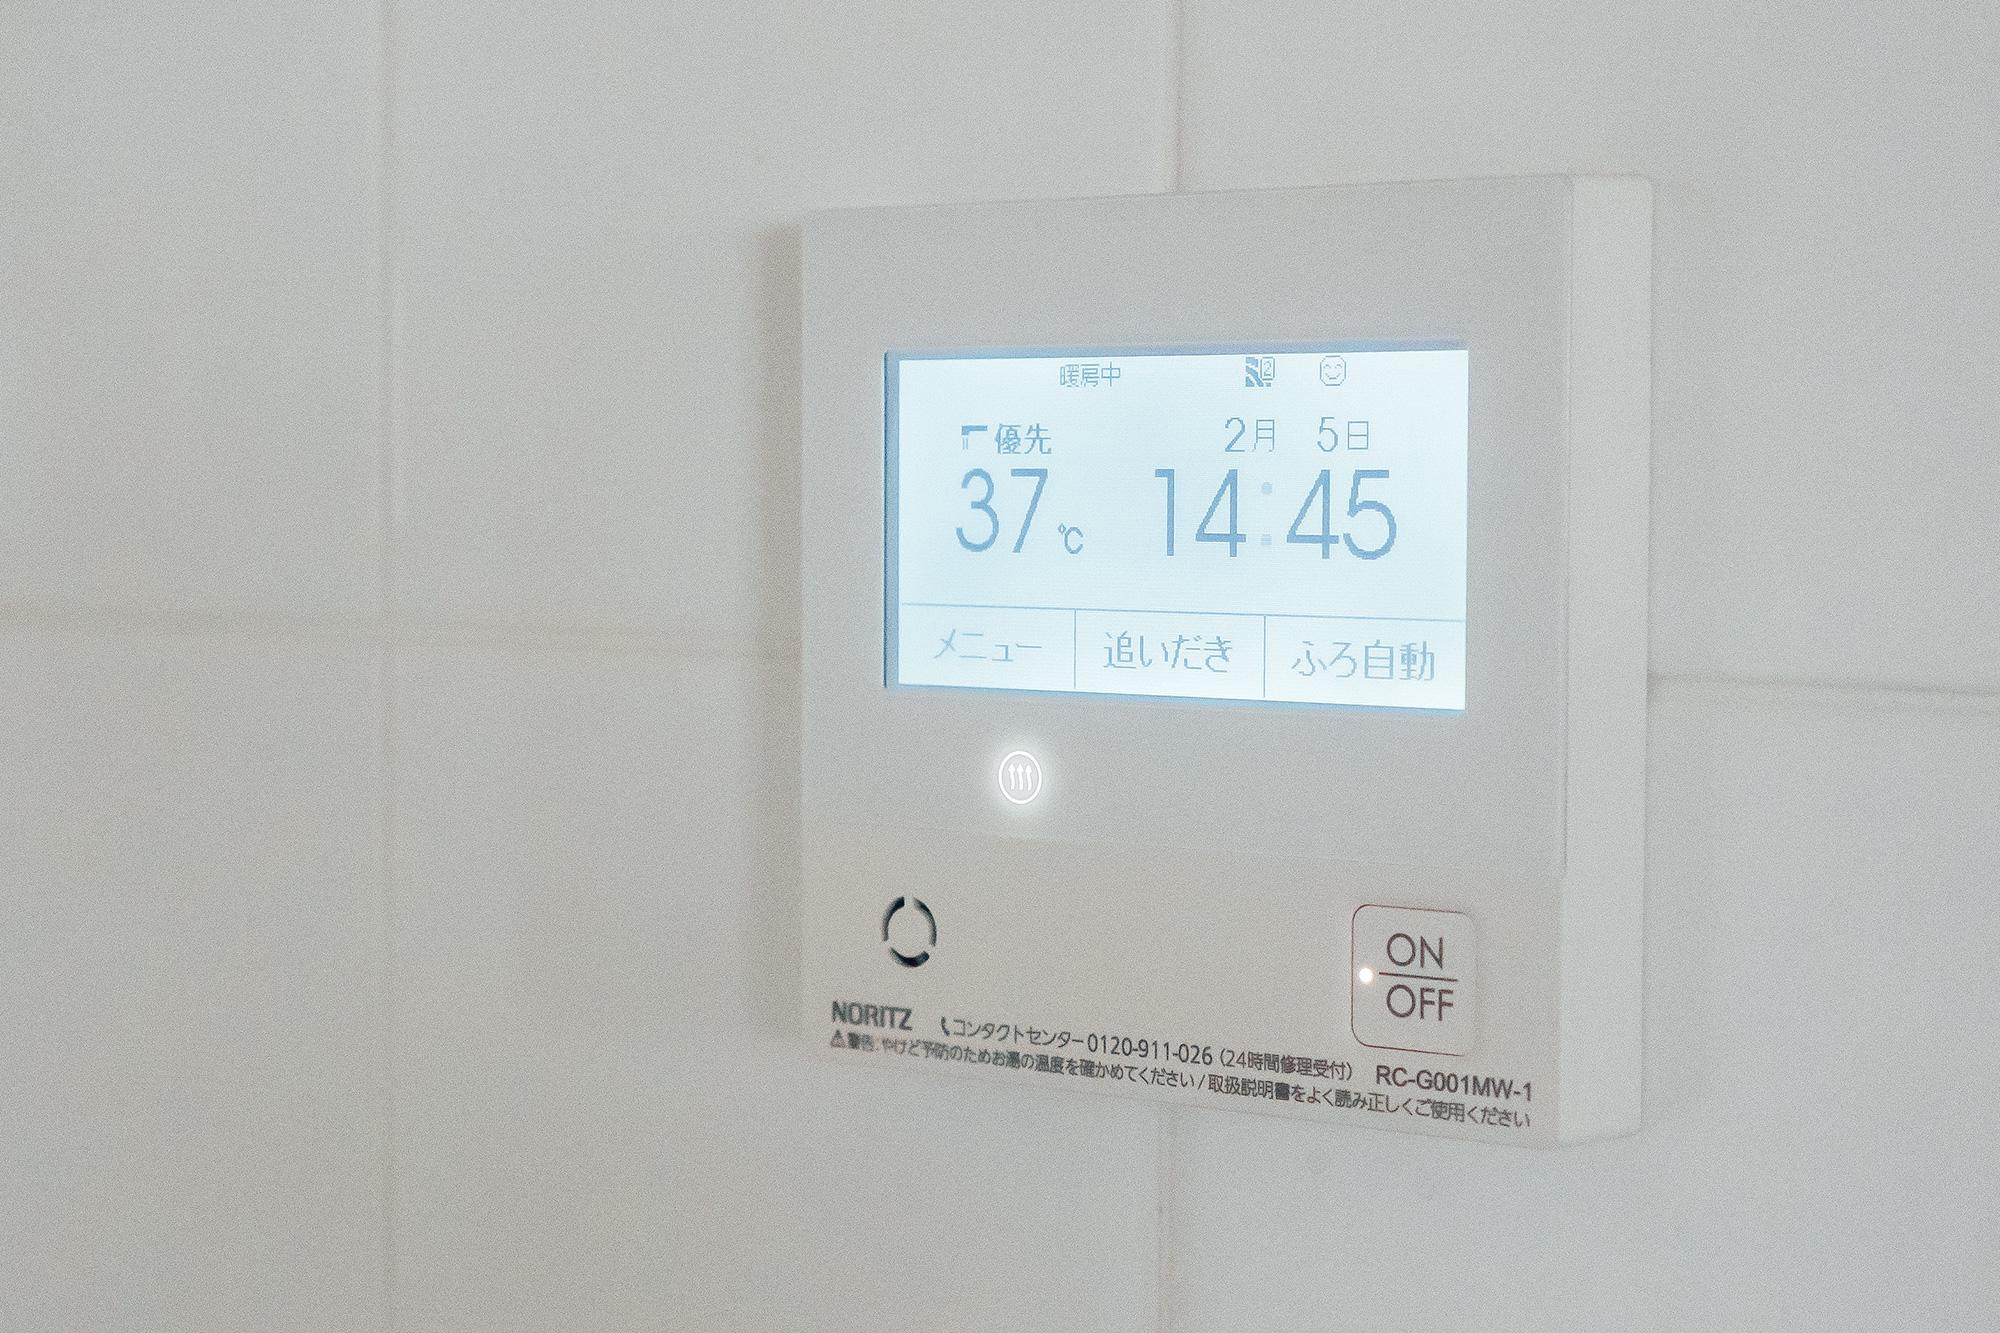 ノーリツ wifi給湯器リモコン